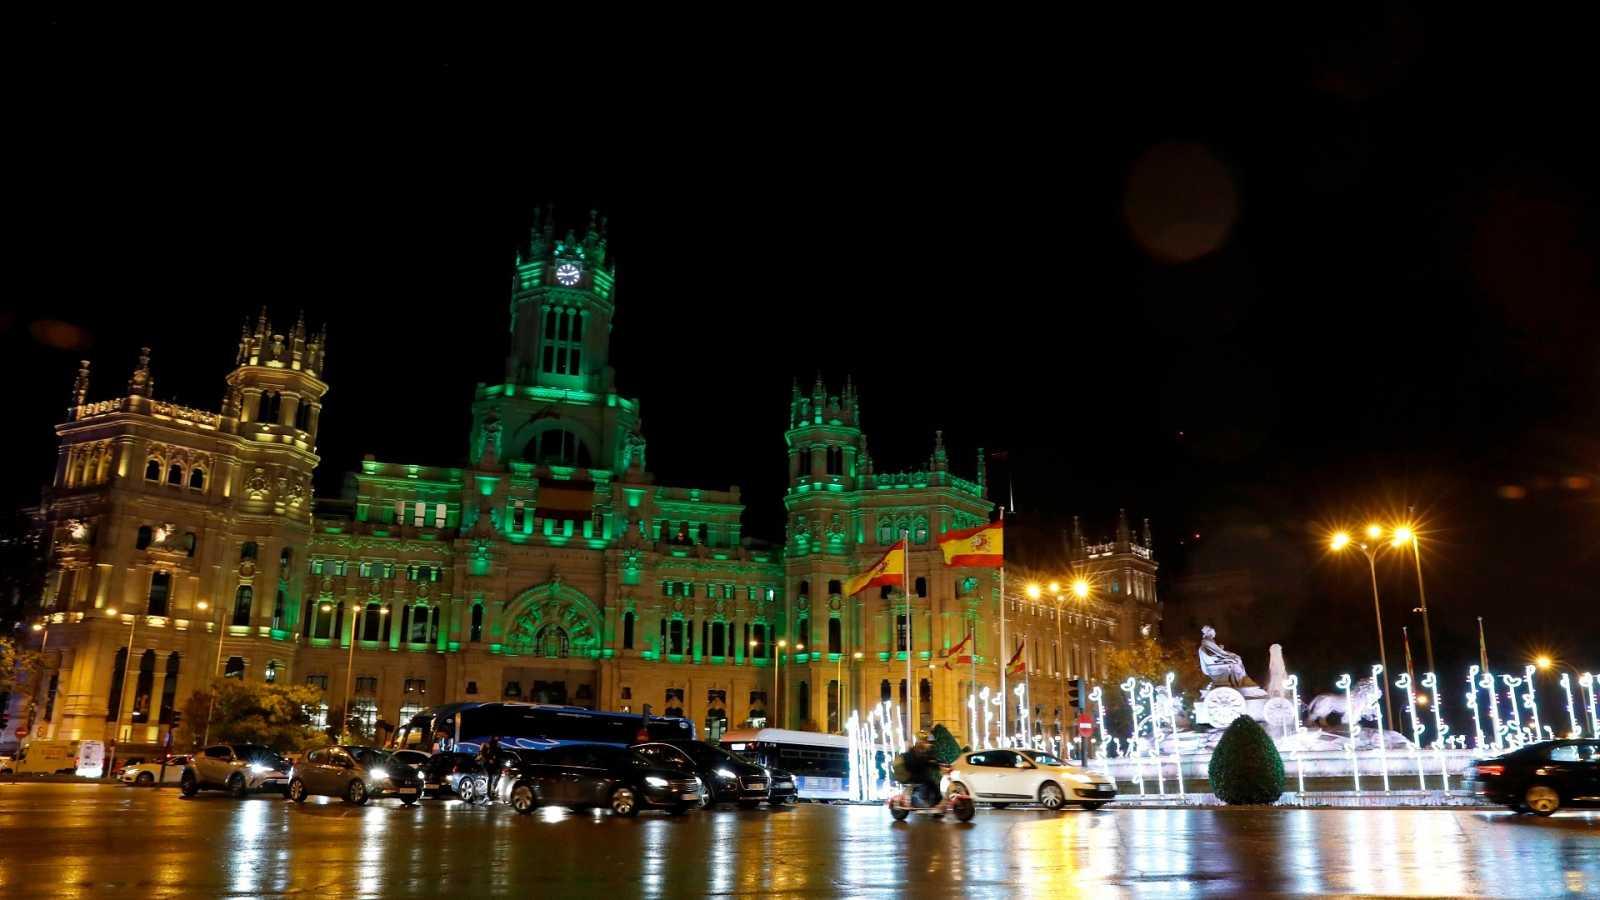 Vista del Palacio de Cibeles de Madrid, con una de las decoraciones luminosas de Navidad